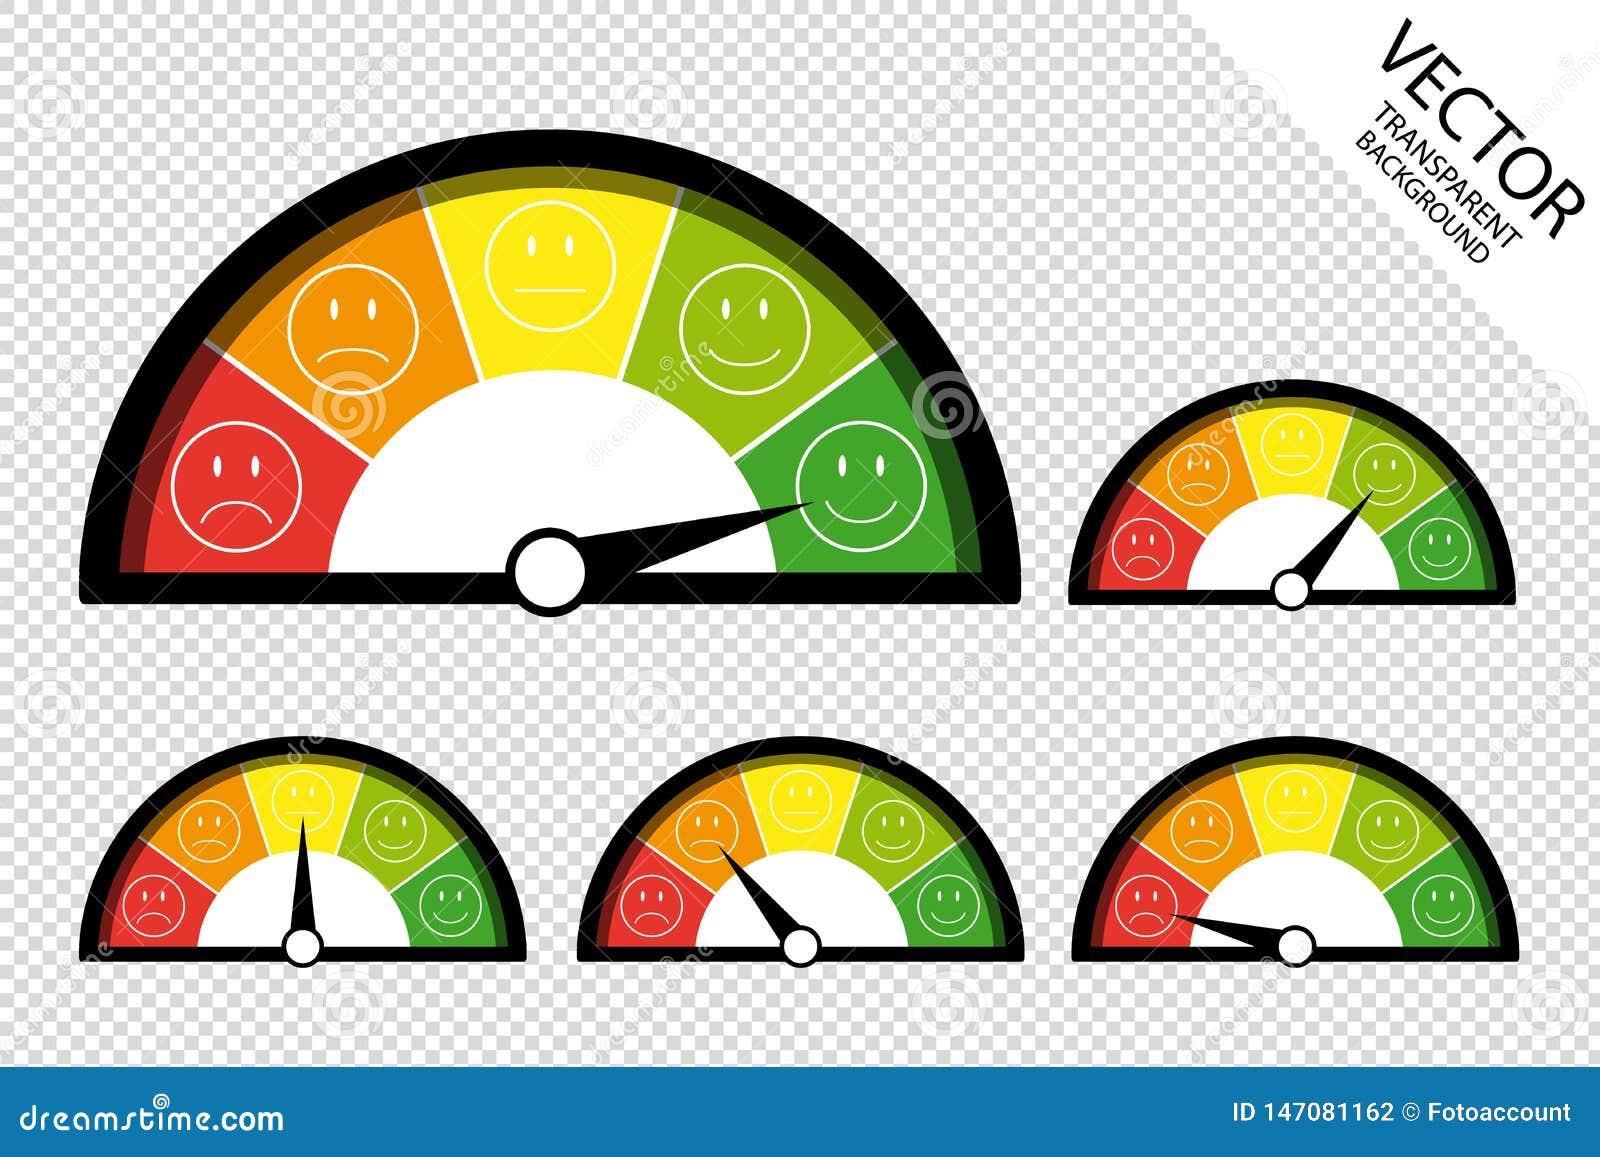 Tachimetro di risposte, metro di soddisfazione del cliente, icone di valutazione di prodotto - illustrazione di vettore isolata s